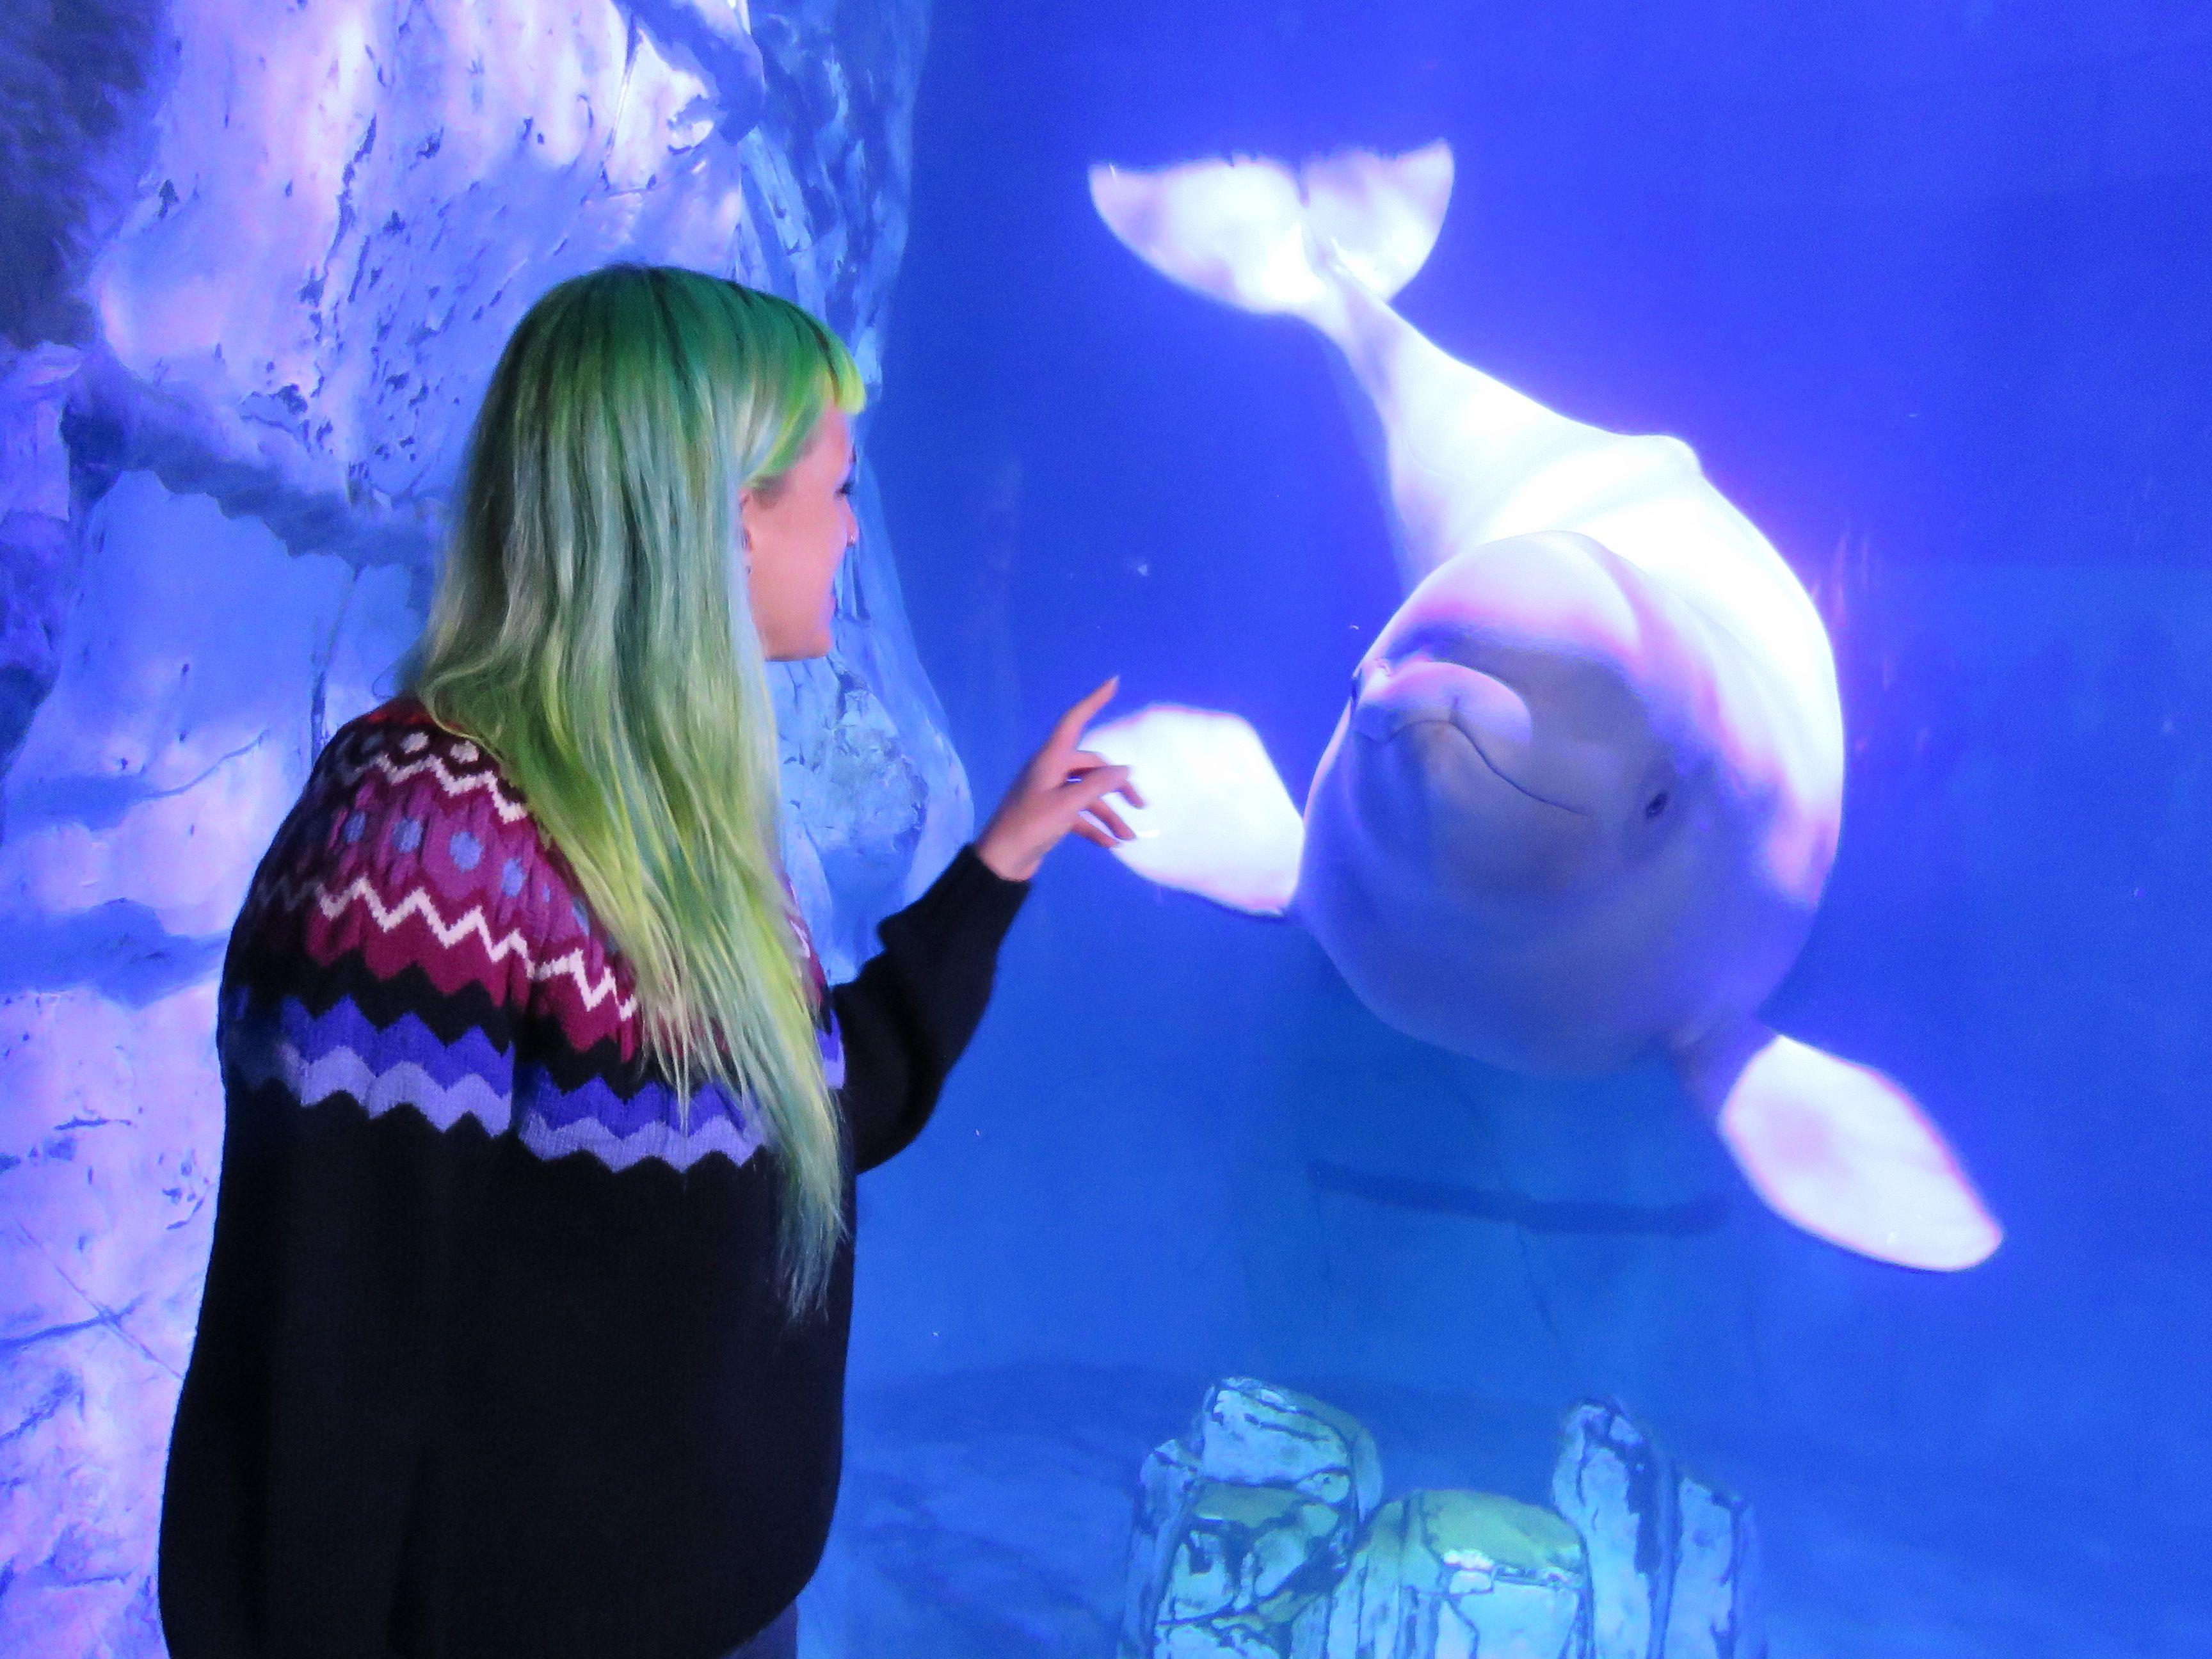 Los canarios del mar: ¿Cómo enseñan las madres beluga a conversar a sus crías?